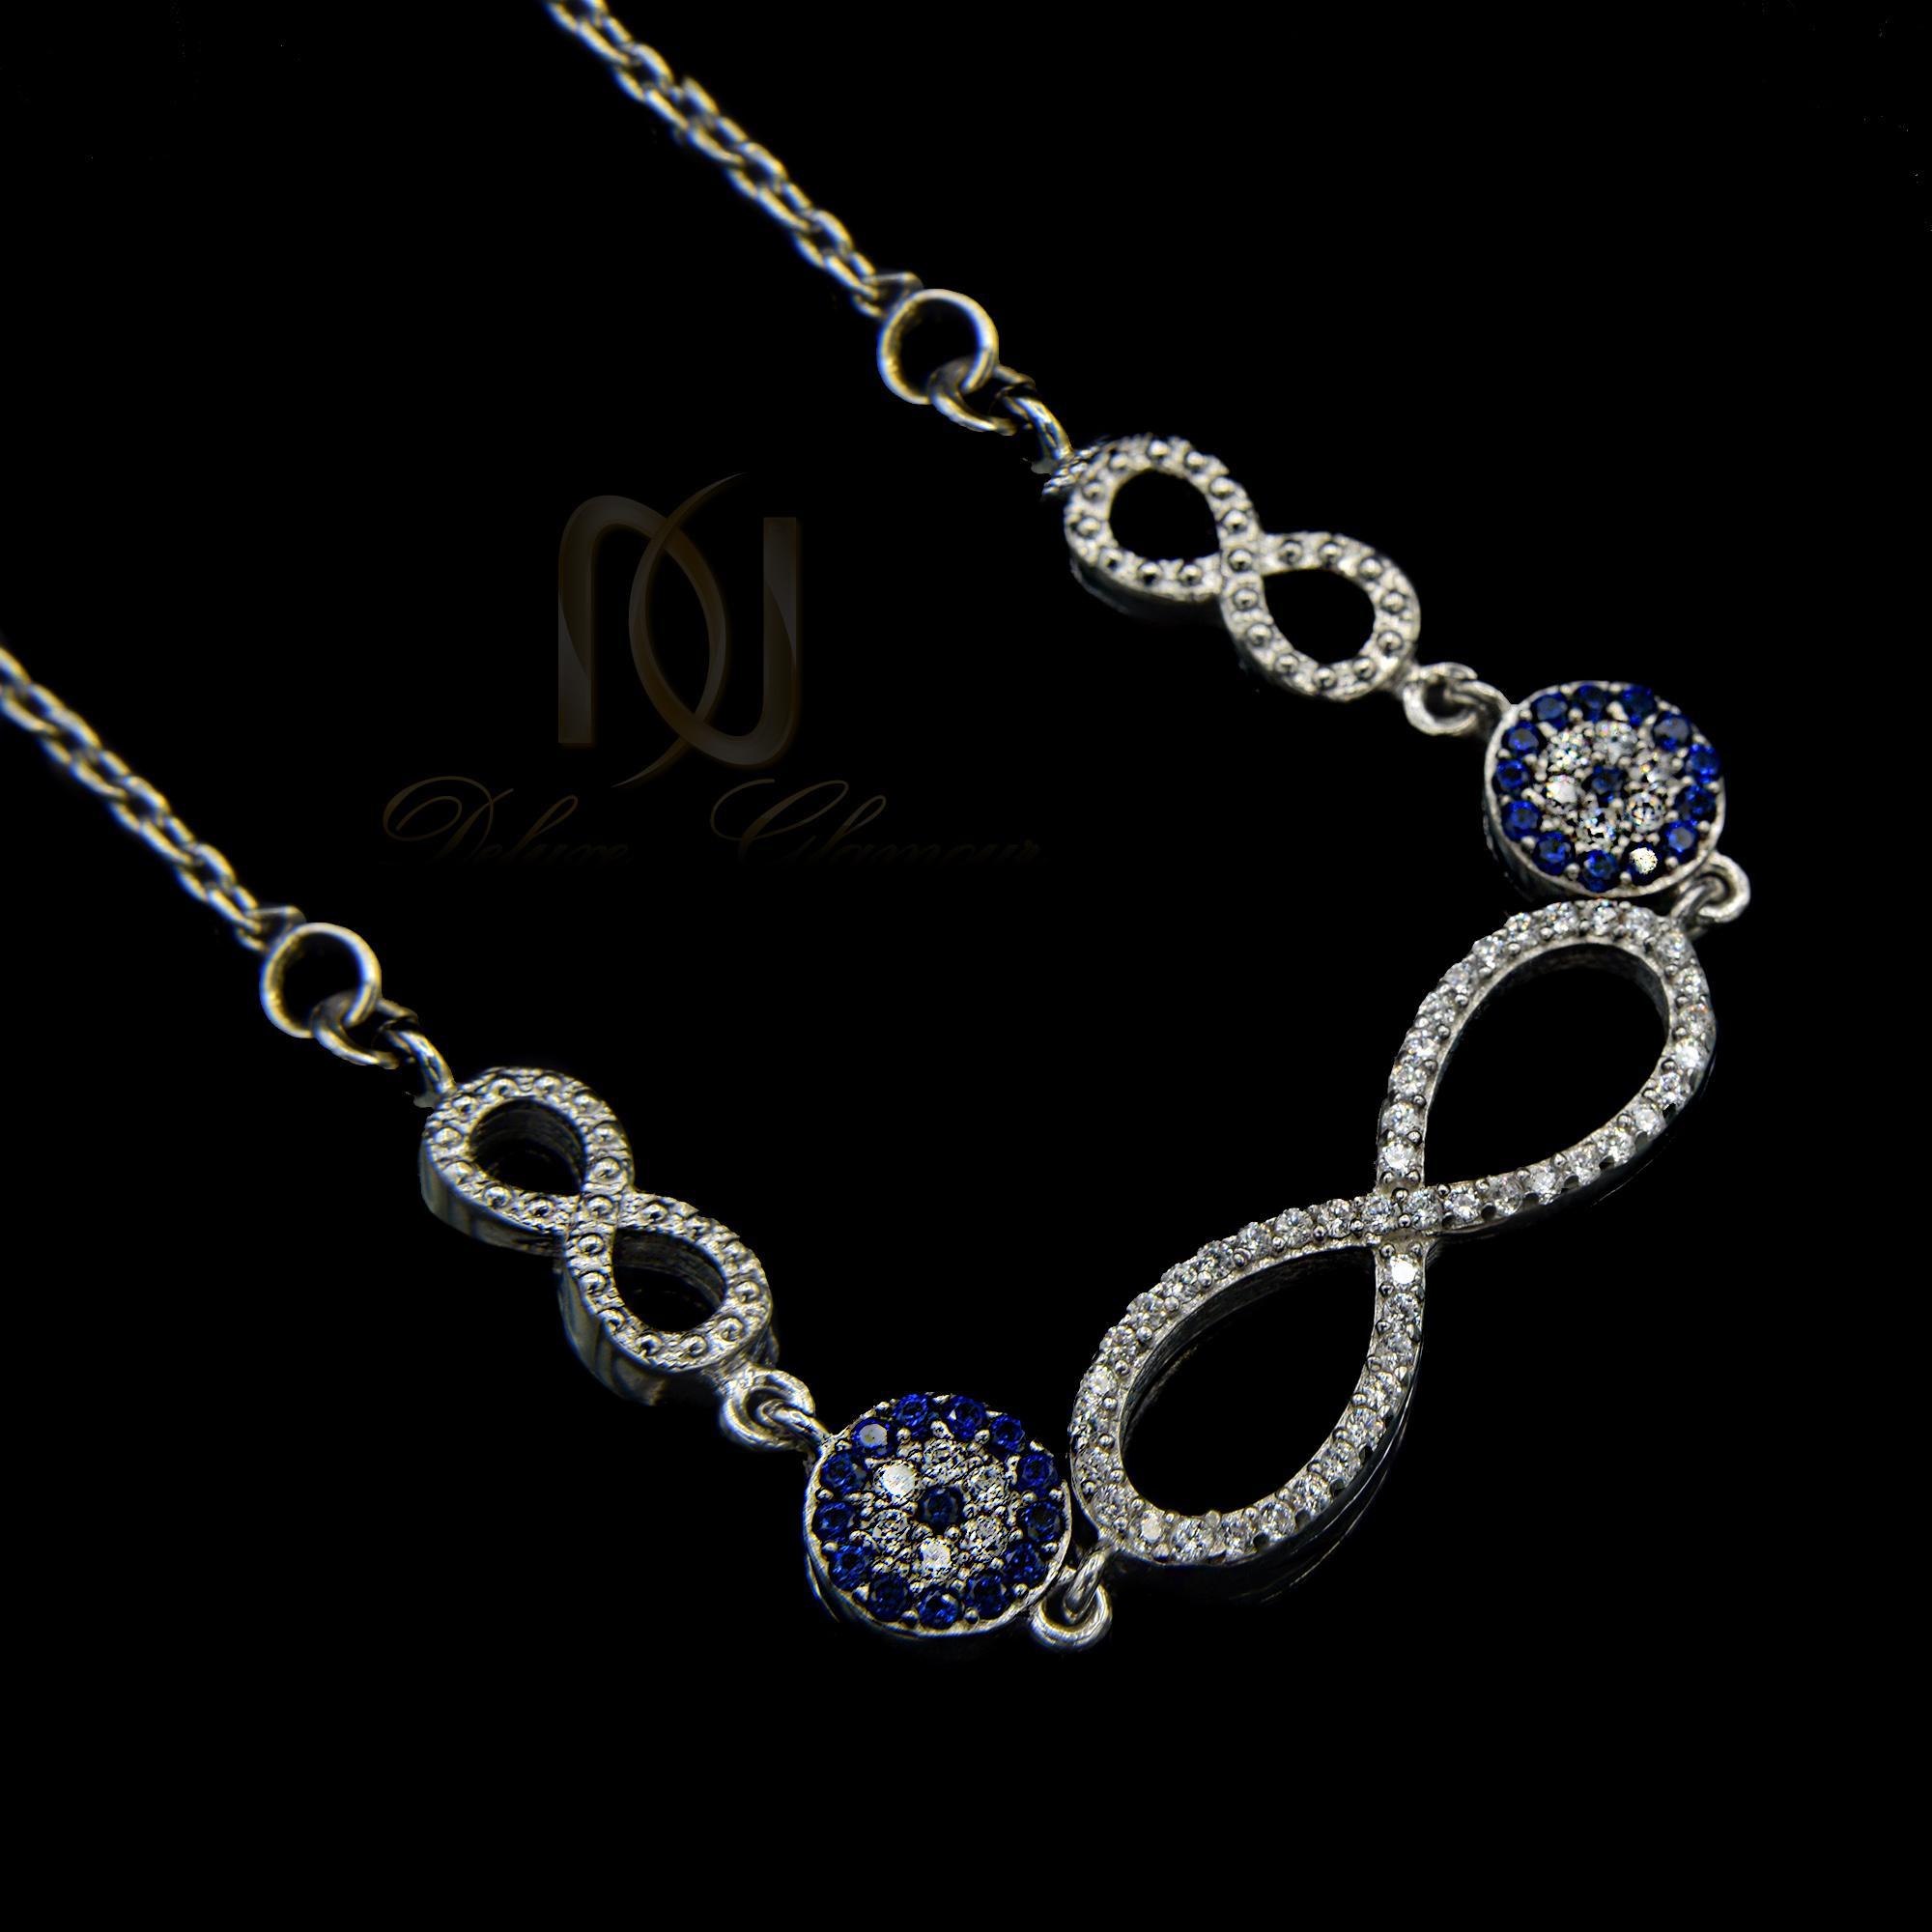 گردنبند نقره دخترانه طرح بی نهایت nw-n457